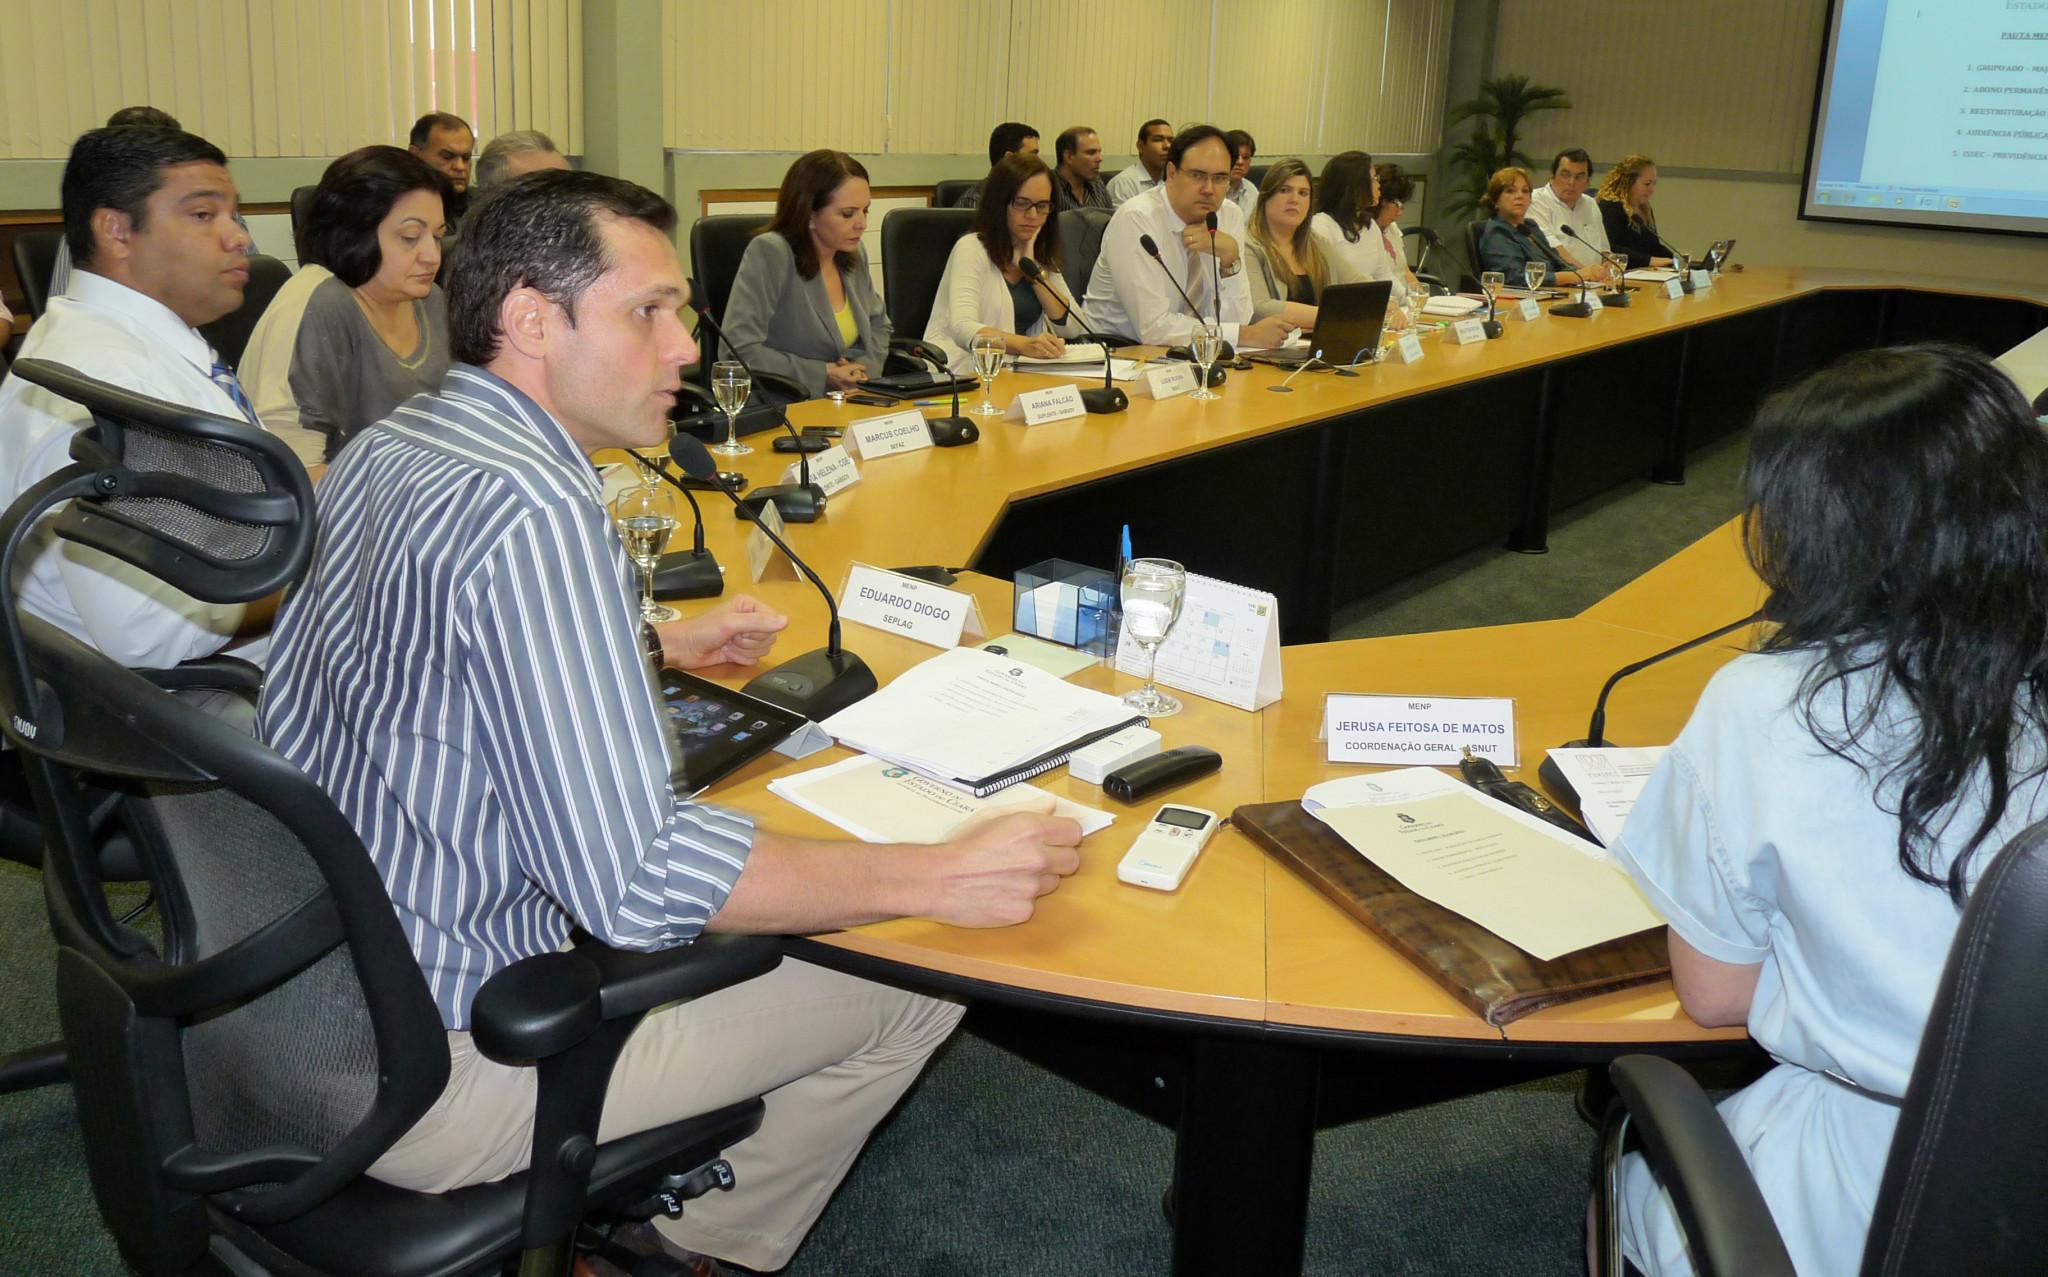 16-04-2012 - Reunião MENP - Sala de Reunião (22)